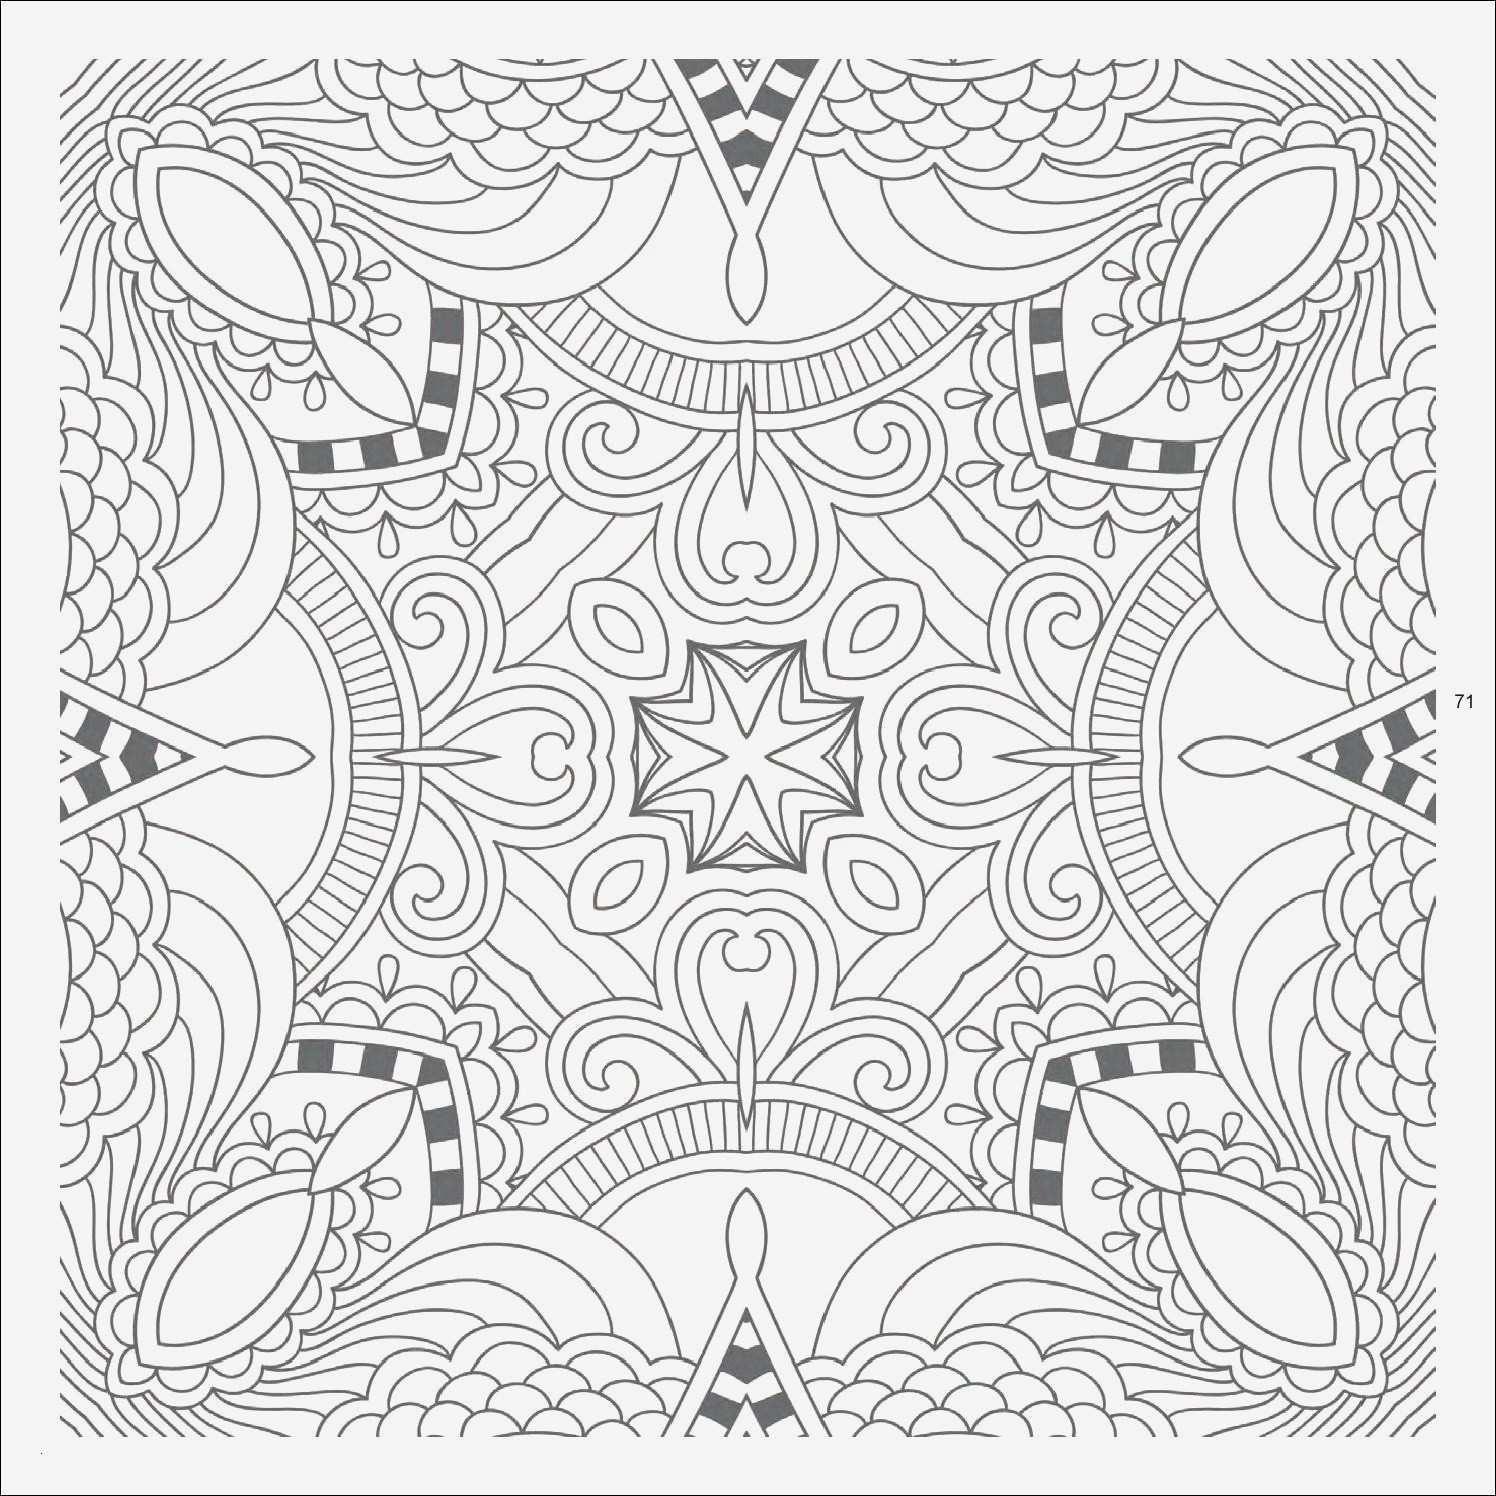 Ausmalbilder Einhorn Mandala  Ausmalbilder Einhorn Mandala Ideen Katzen Mandala